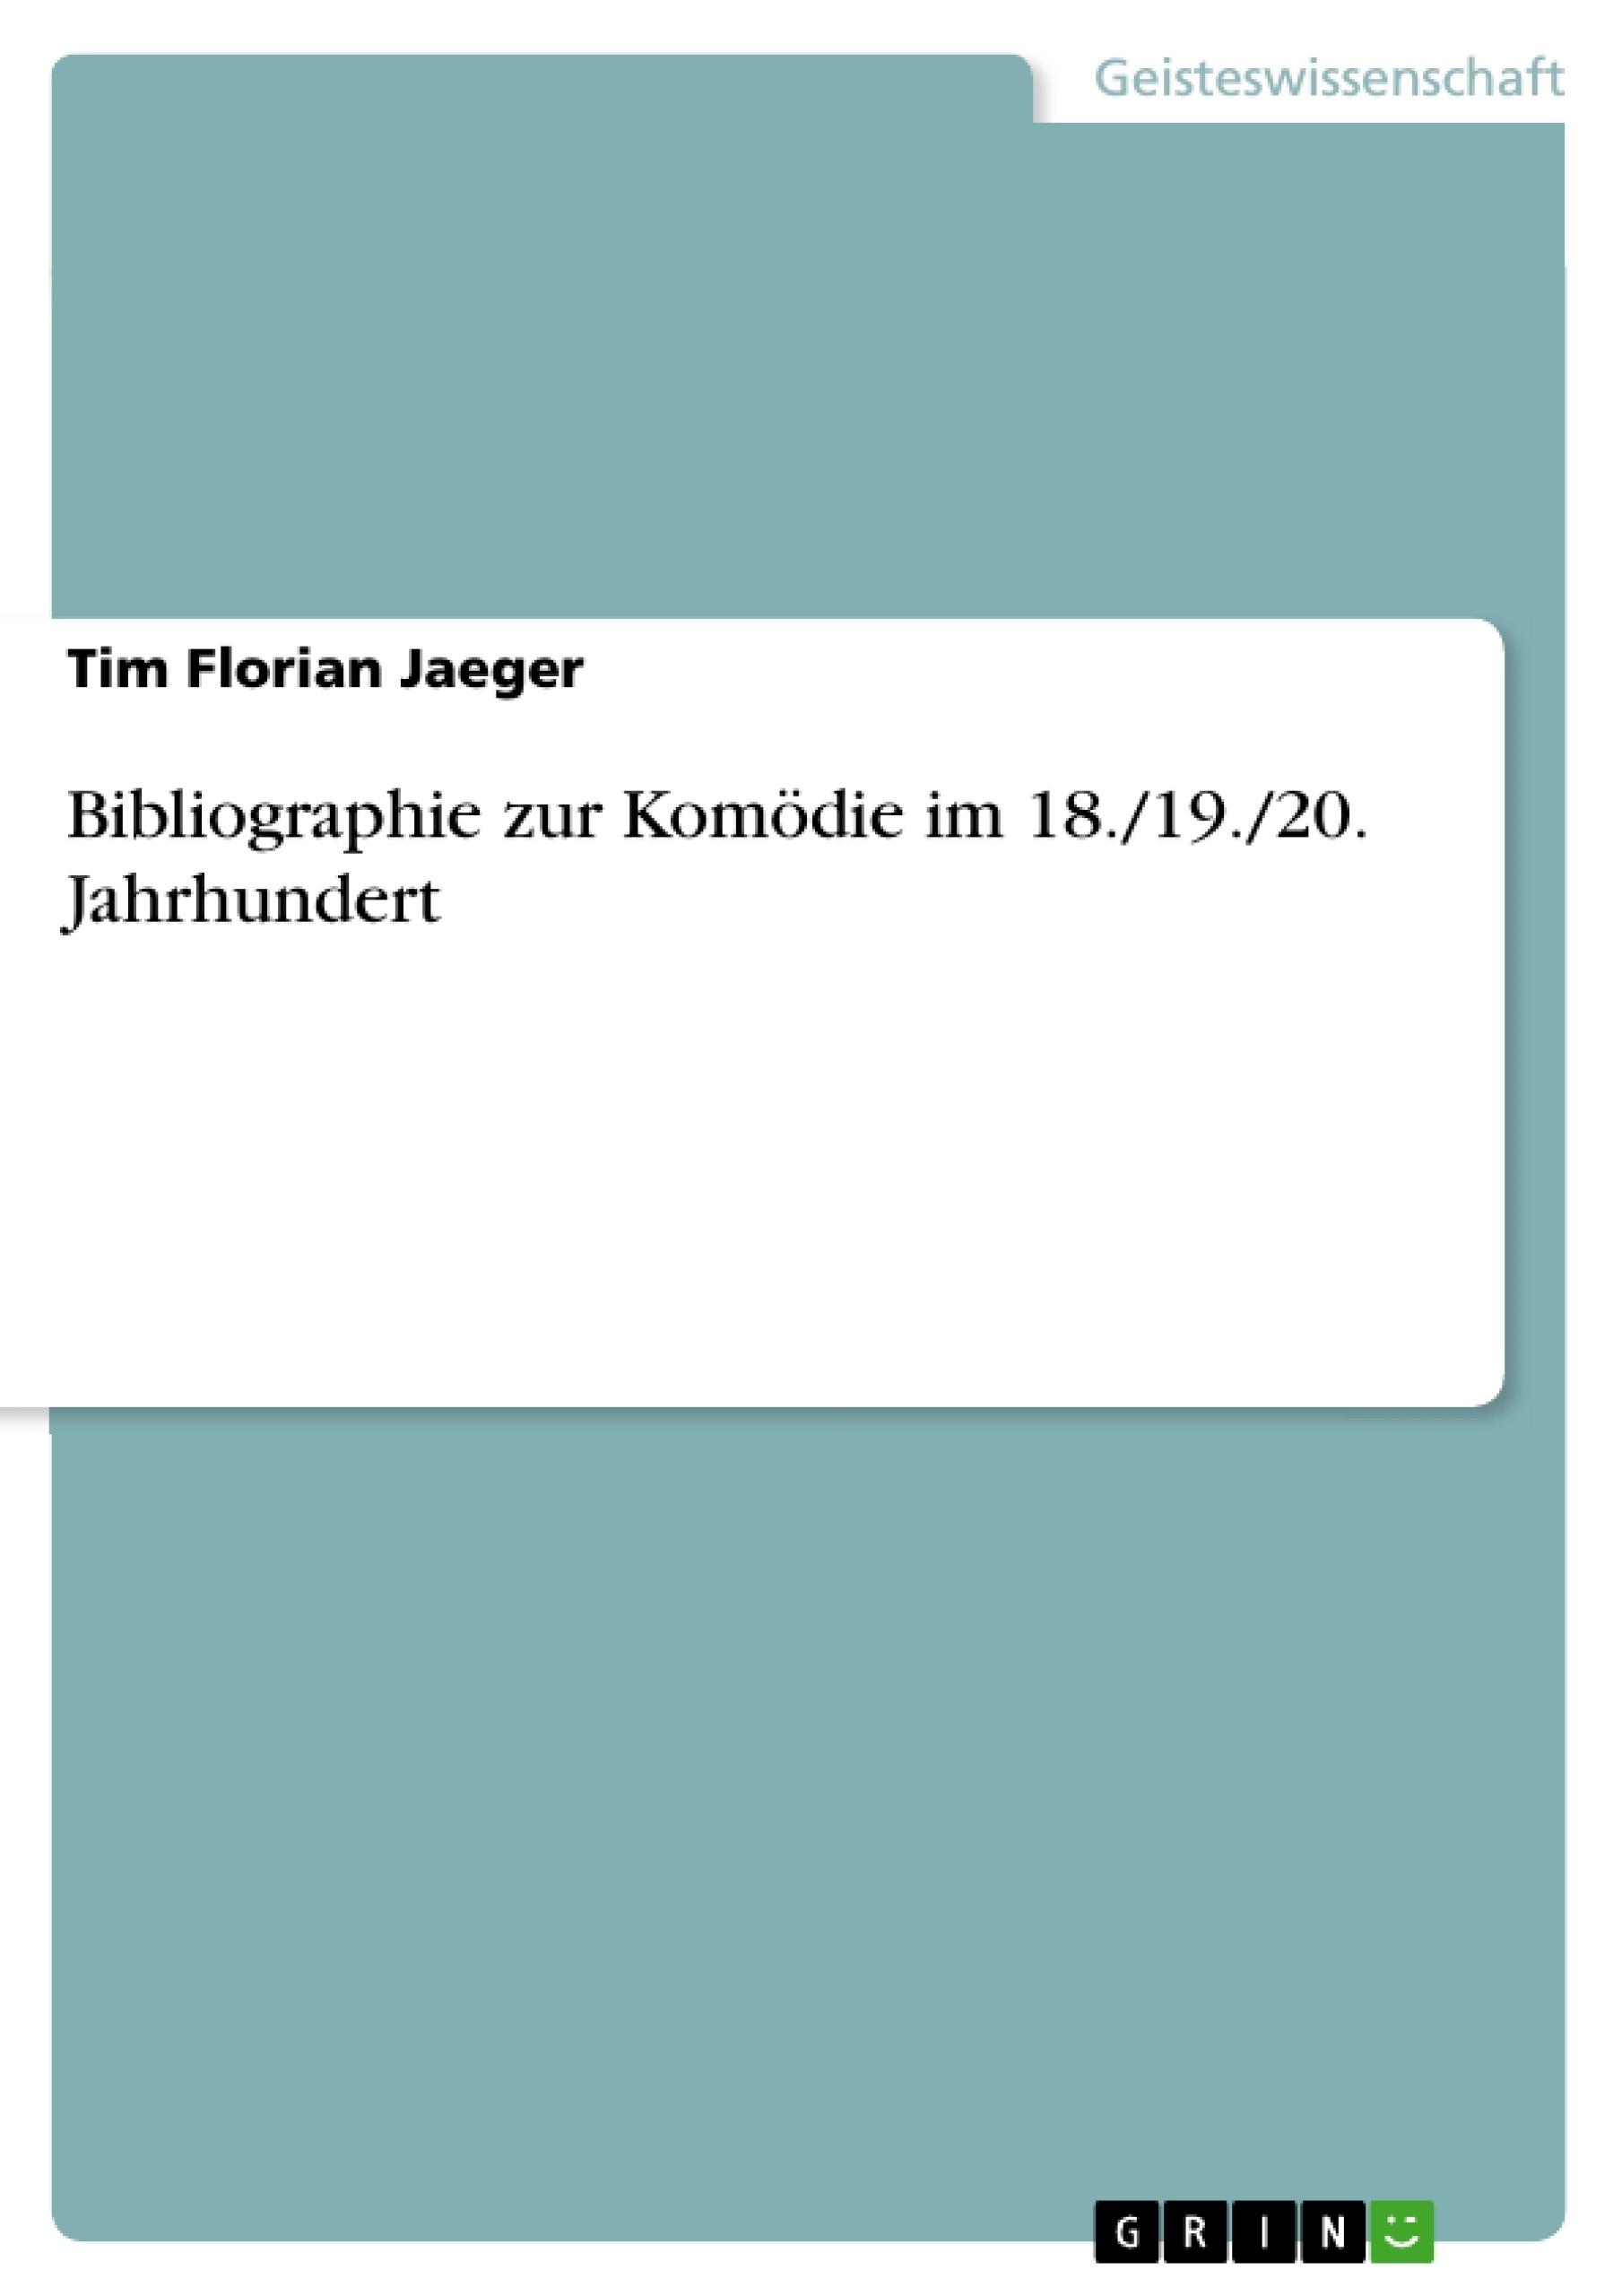 Titel: Bibliographie zur Komödie im 18./19./20. Jahrhundert